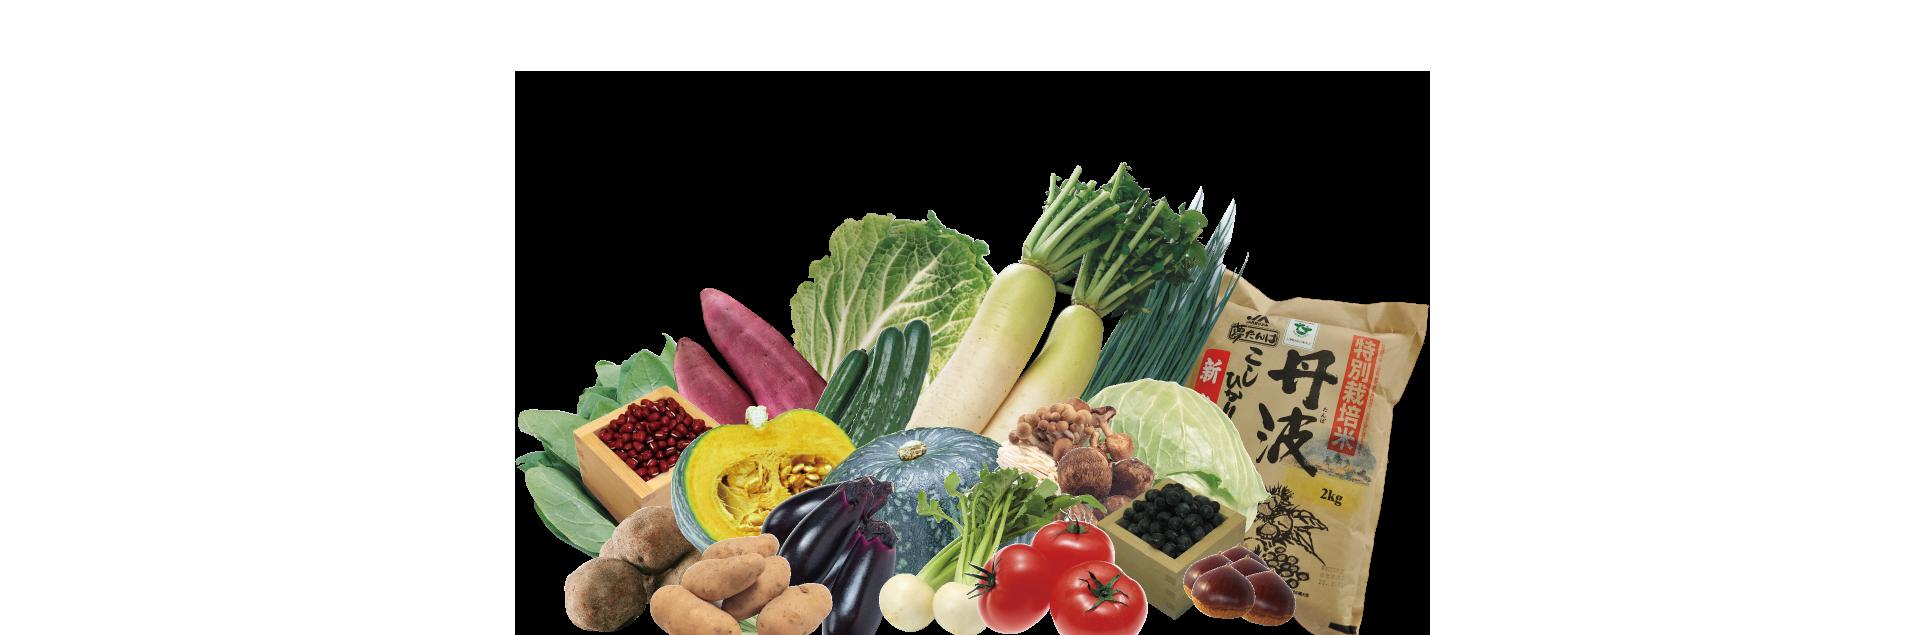 野菜の旬や美味しい食べ方、調理のちょっとしたコツ、保存方法など、